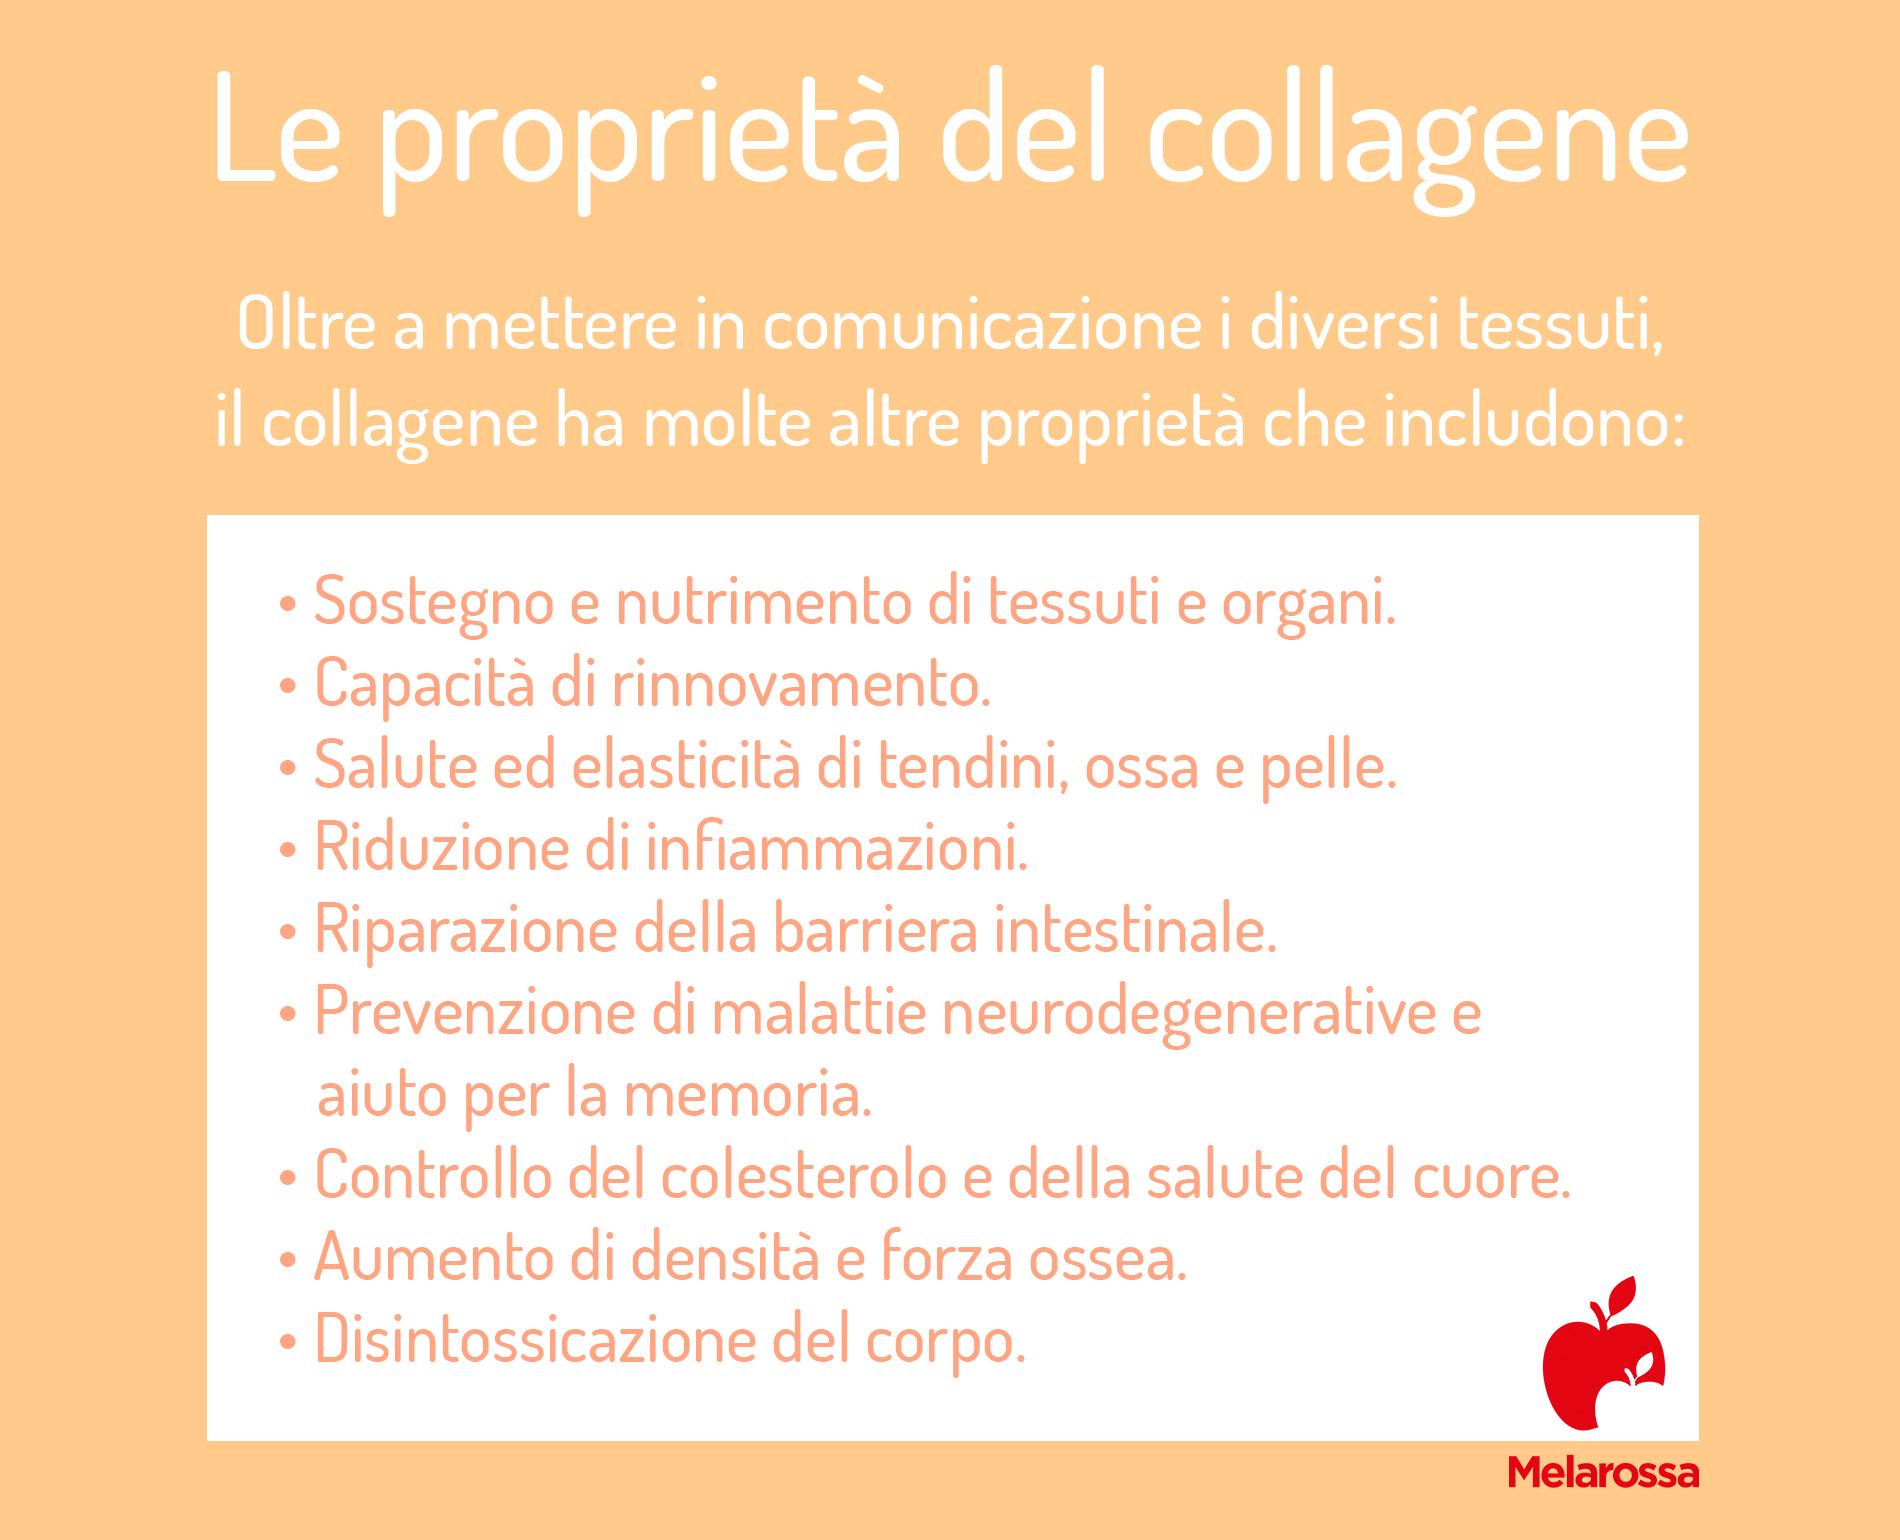 le proprietà del collagene